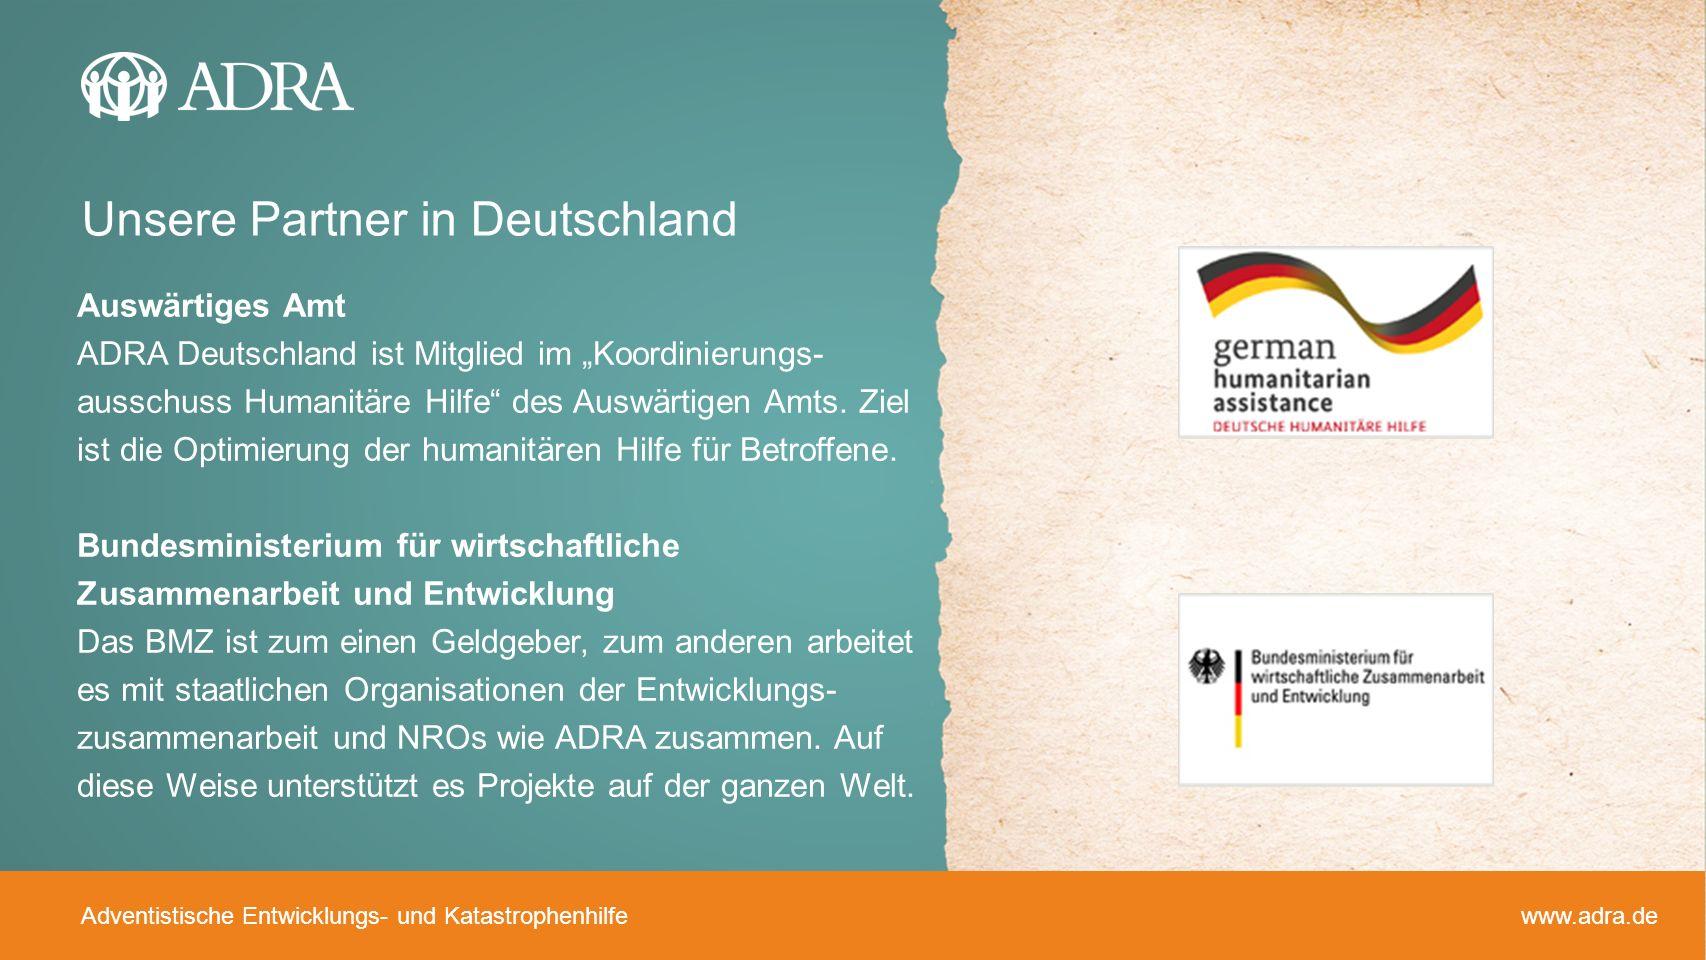 Adventistische Entwicklungs- und Katastrophenhilfe www.adra.de Auswärtiges Amt ADRA Deutschland ist Mitglied im Koordinierungs- ausschuss Humanitäre H